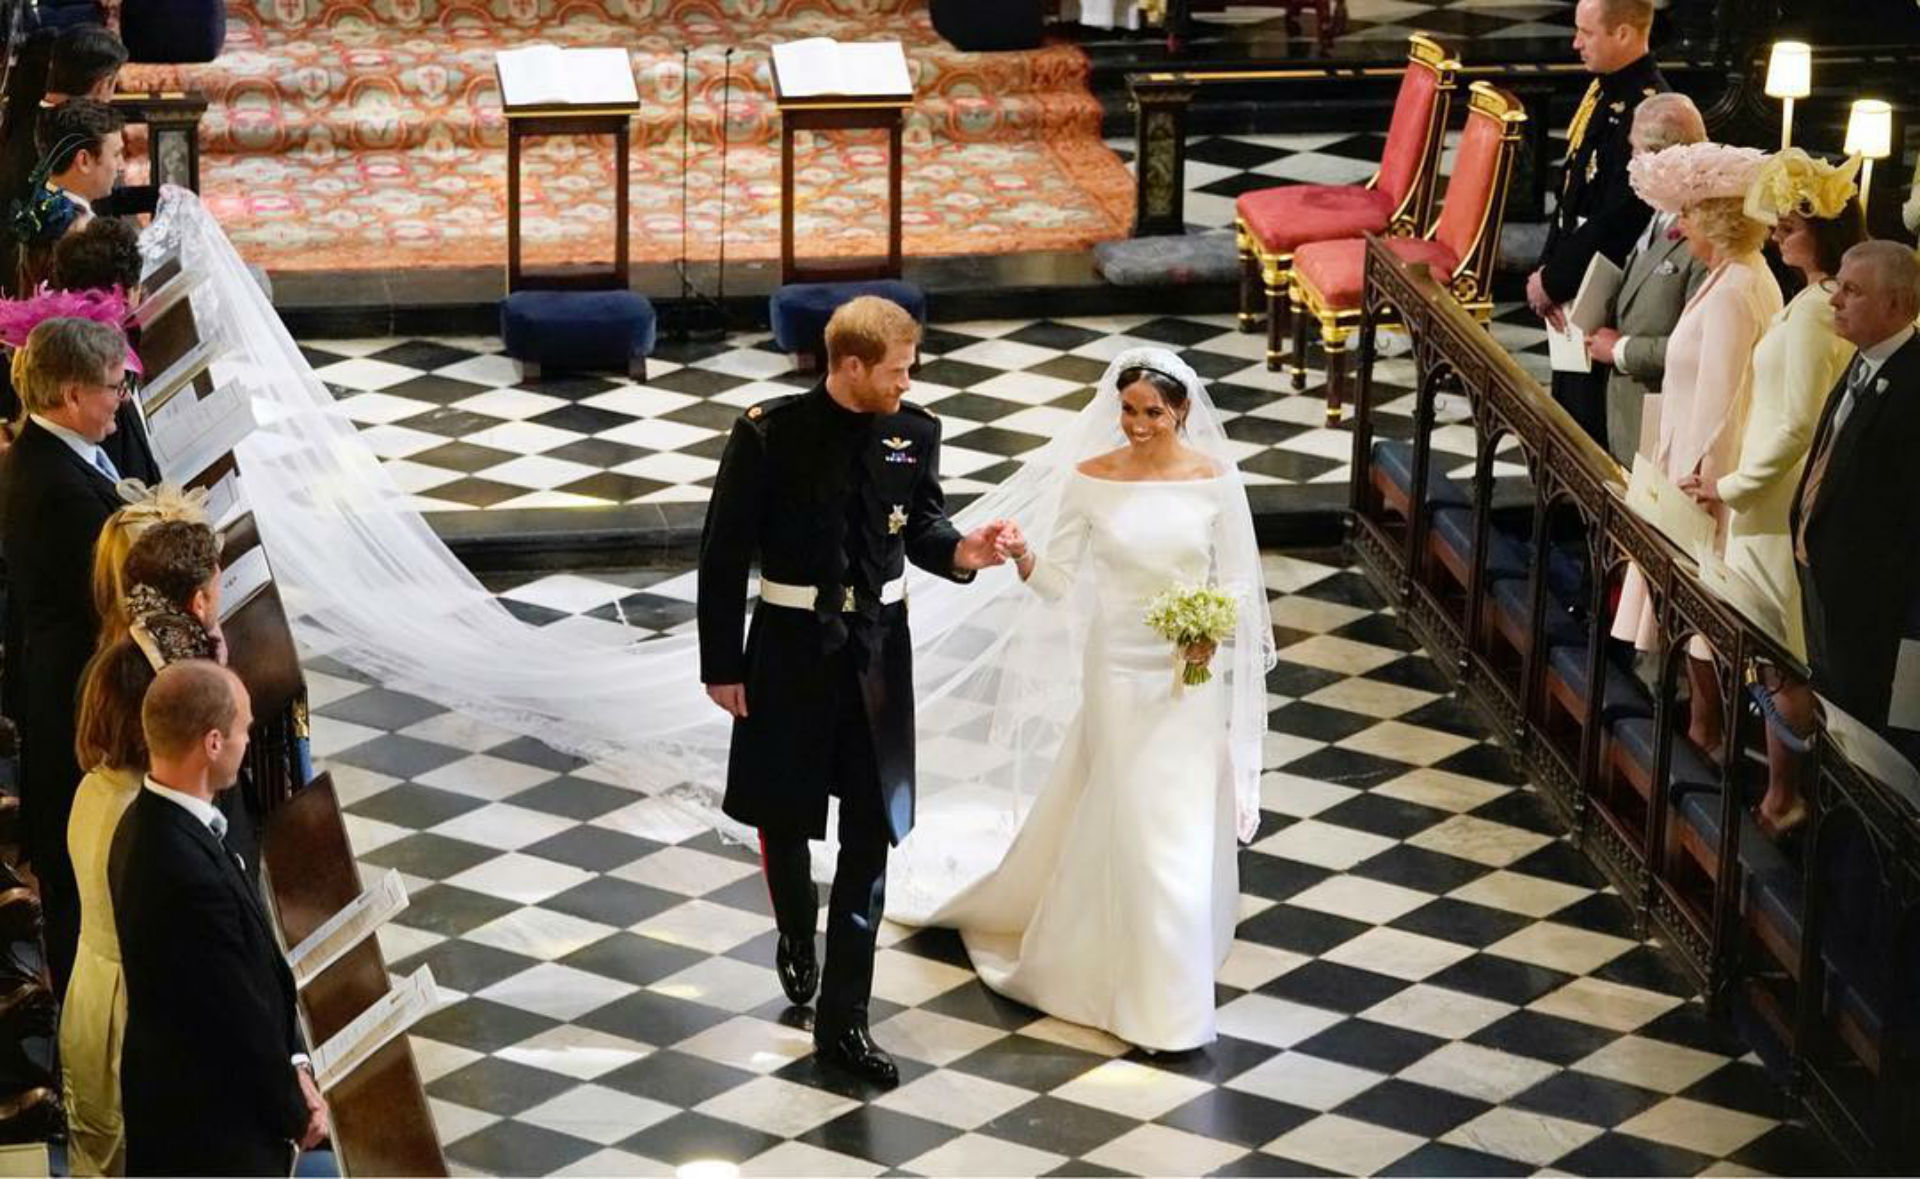 Harry está ubicado sexto en la línea de sucesión al trono británico. El nacimiento de Louis -el tercer nieto del príncipe Carlos, el sexto bisnieto de la reina Isabel II y el quinto en la línea de sucesión al trono británico- desplazó a su tío de su puesto